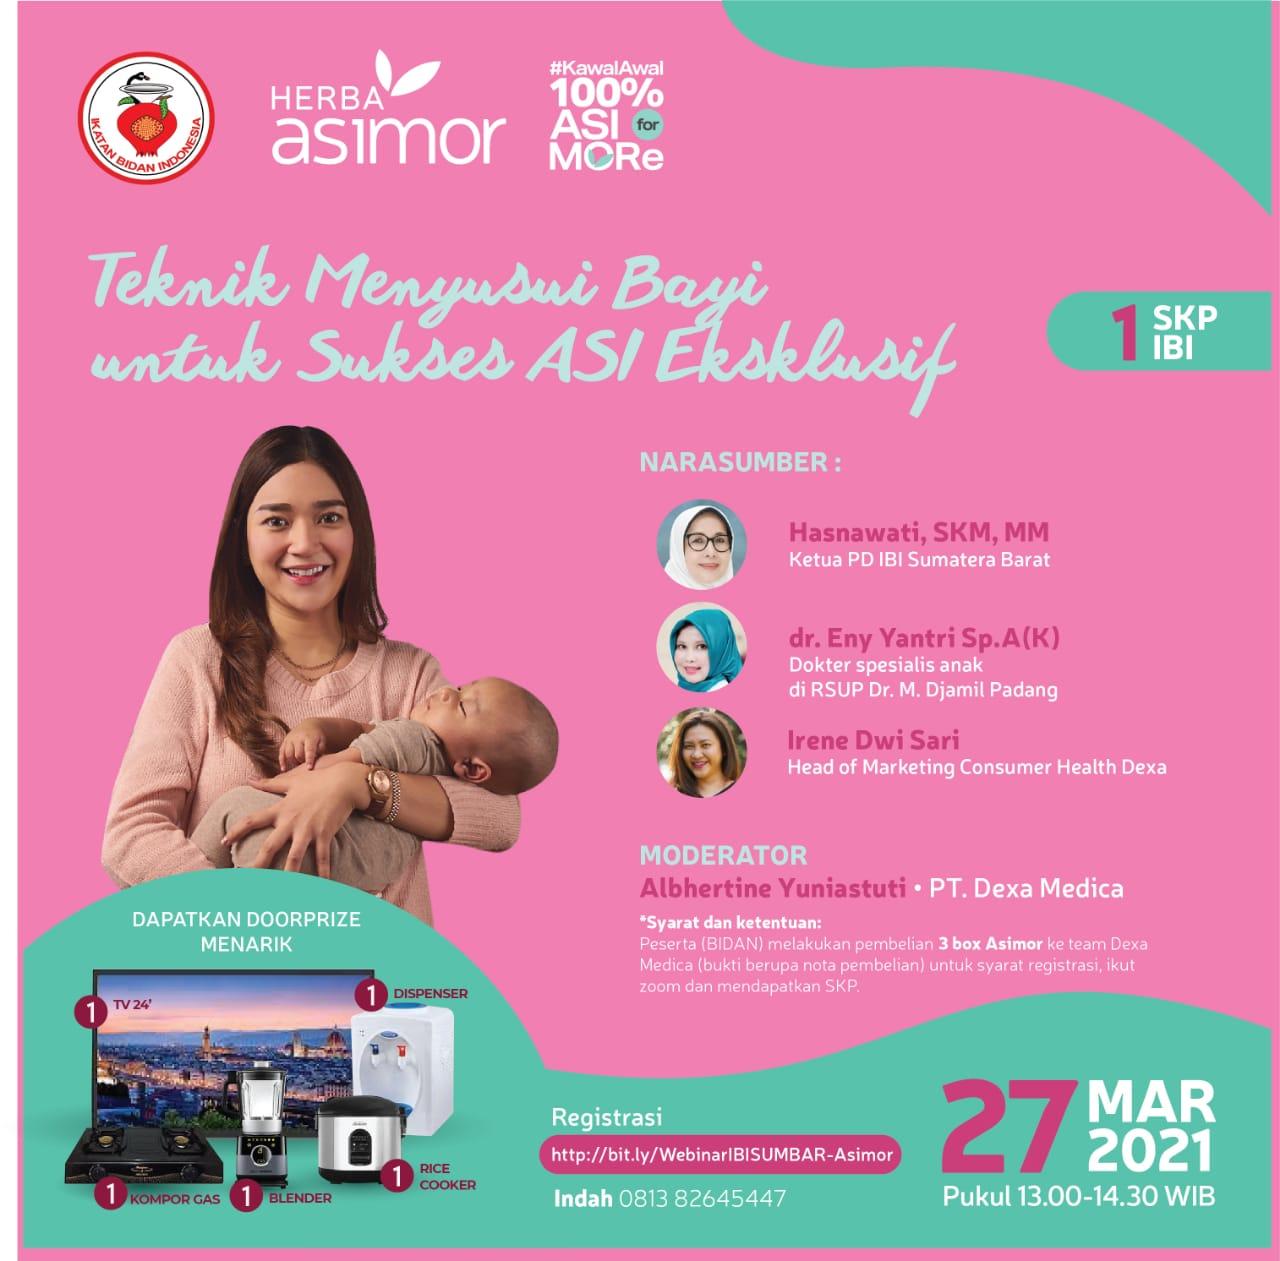 Feature Image Webinar Asimor : Teknik Menyusui Bayi untuk Sukses ASI Eksklusif Asimor ASI Booster Pelancar ASI